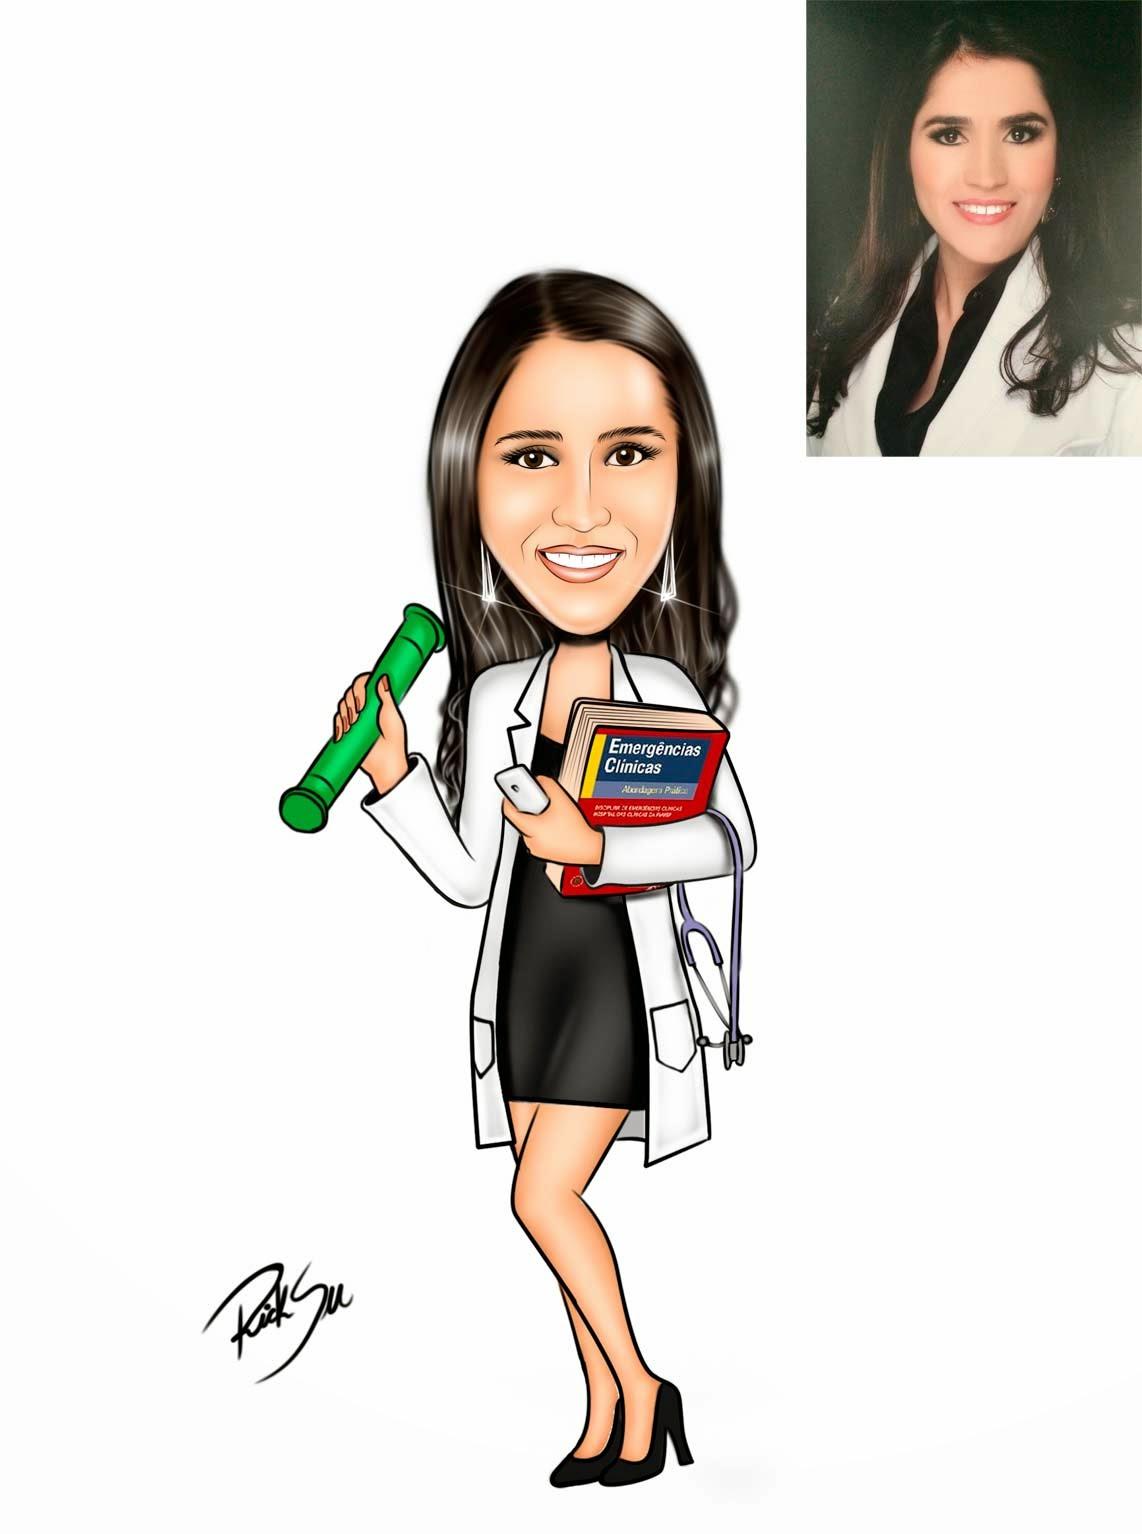 desenho de medicina